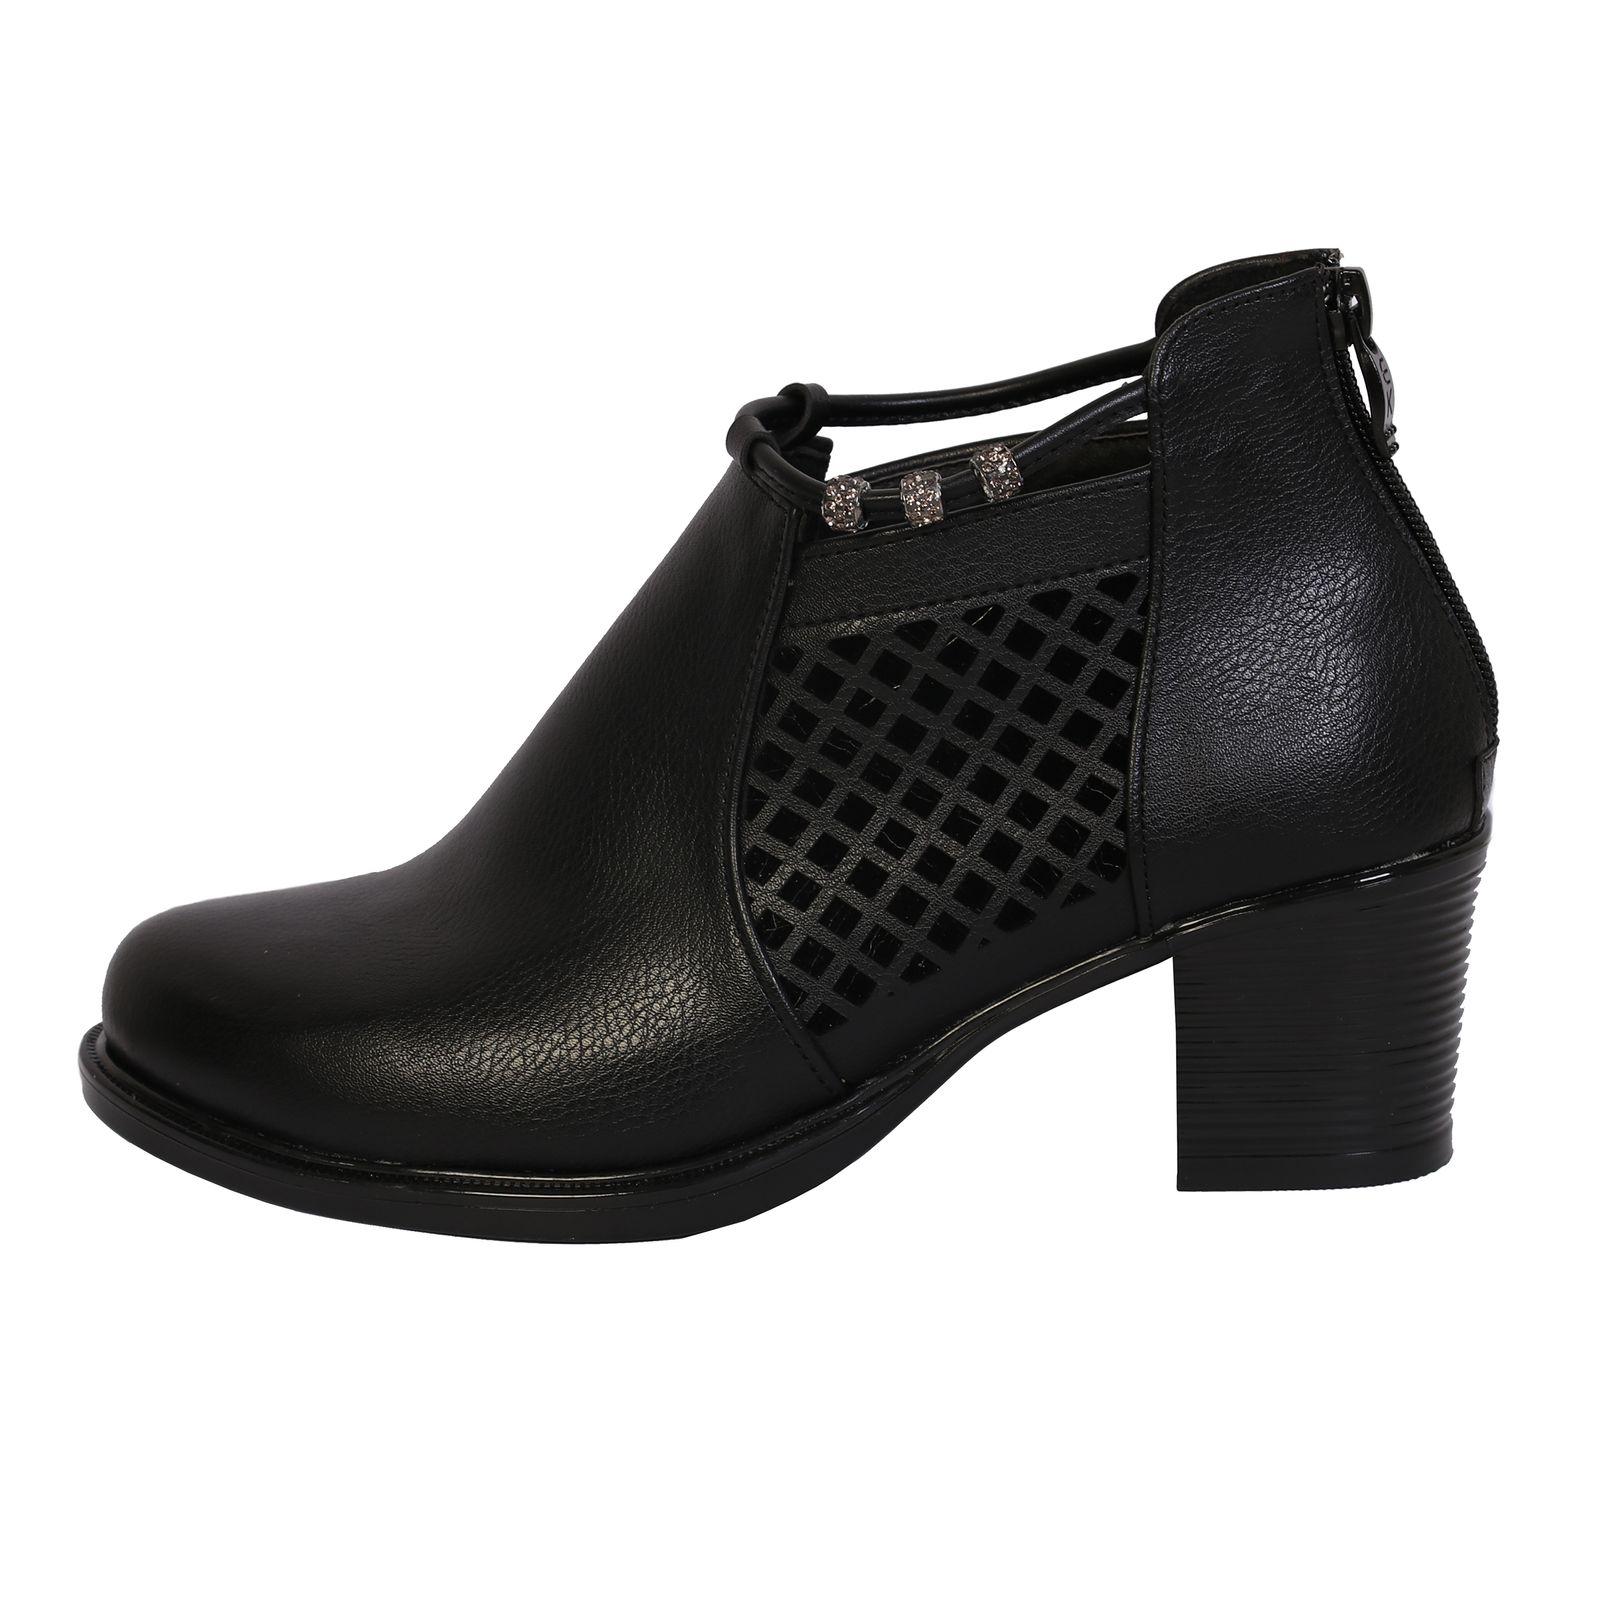 کفش زنانه مدل D1990 -  - 2